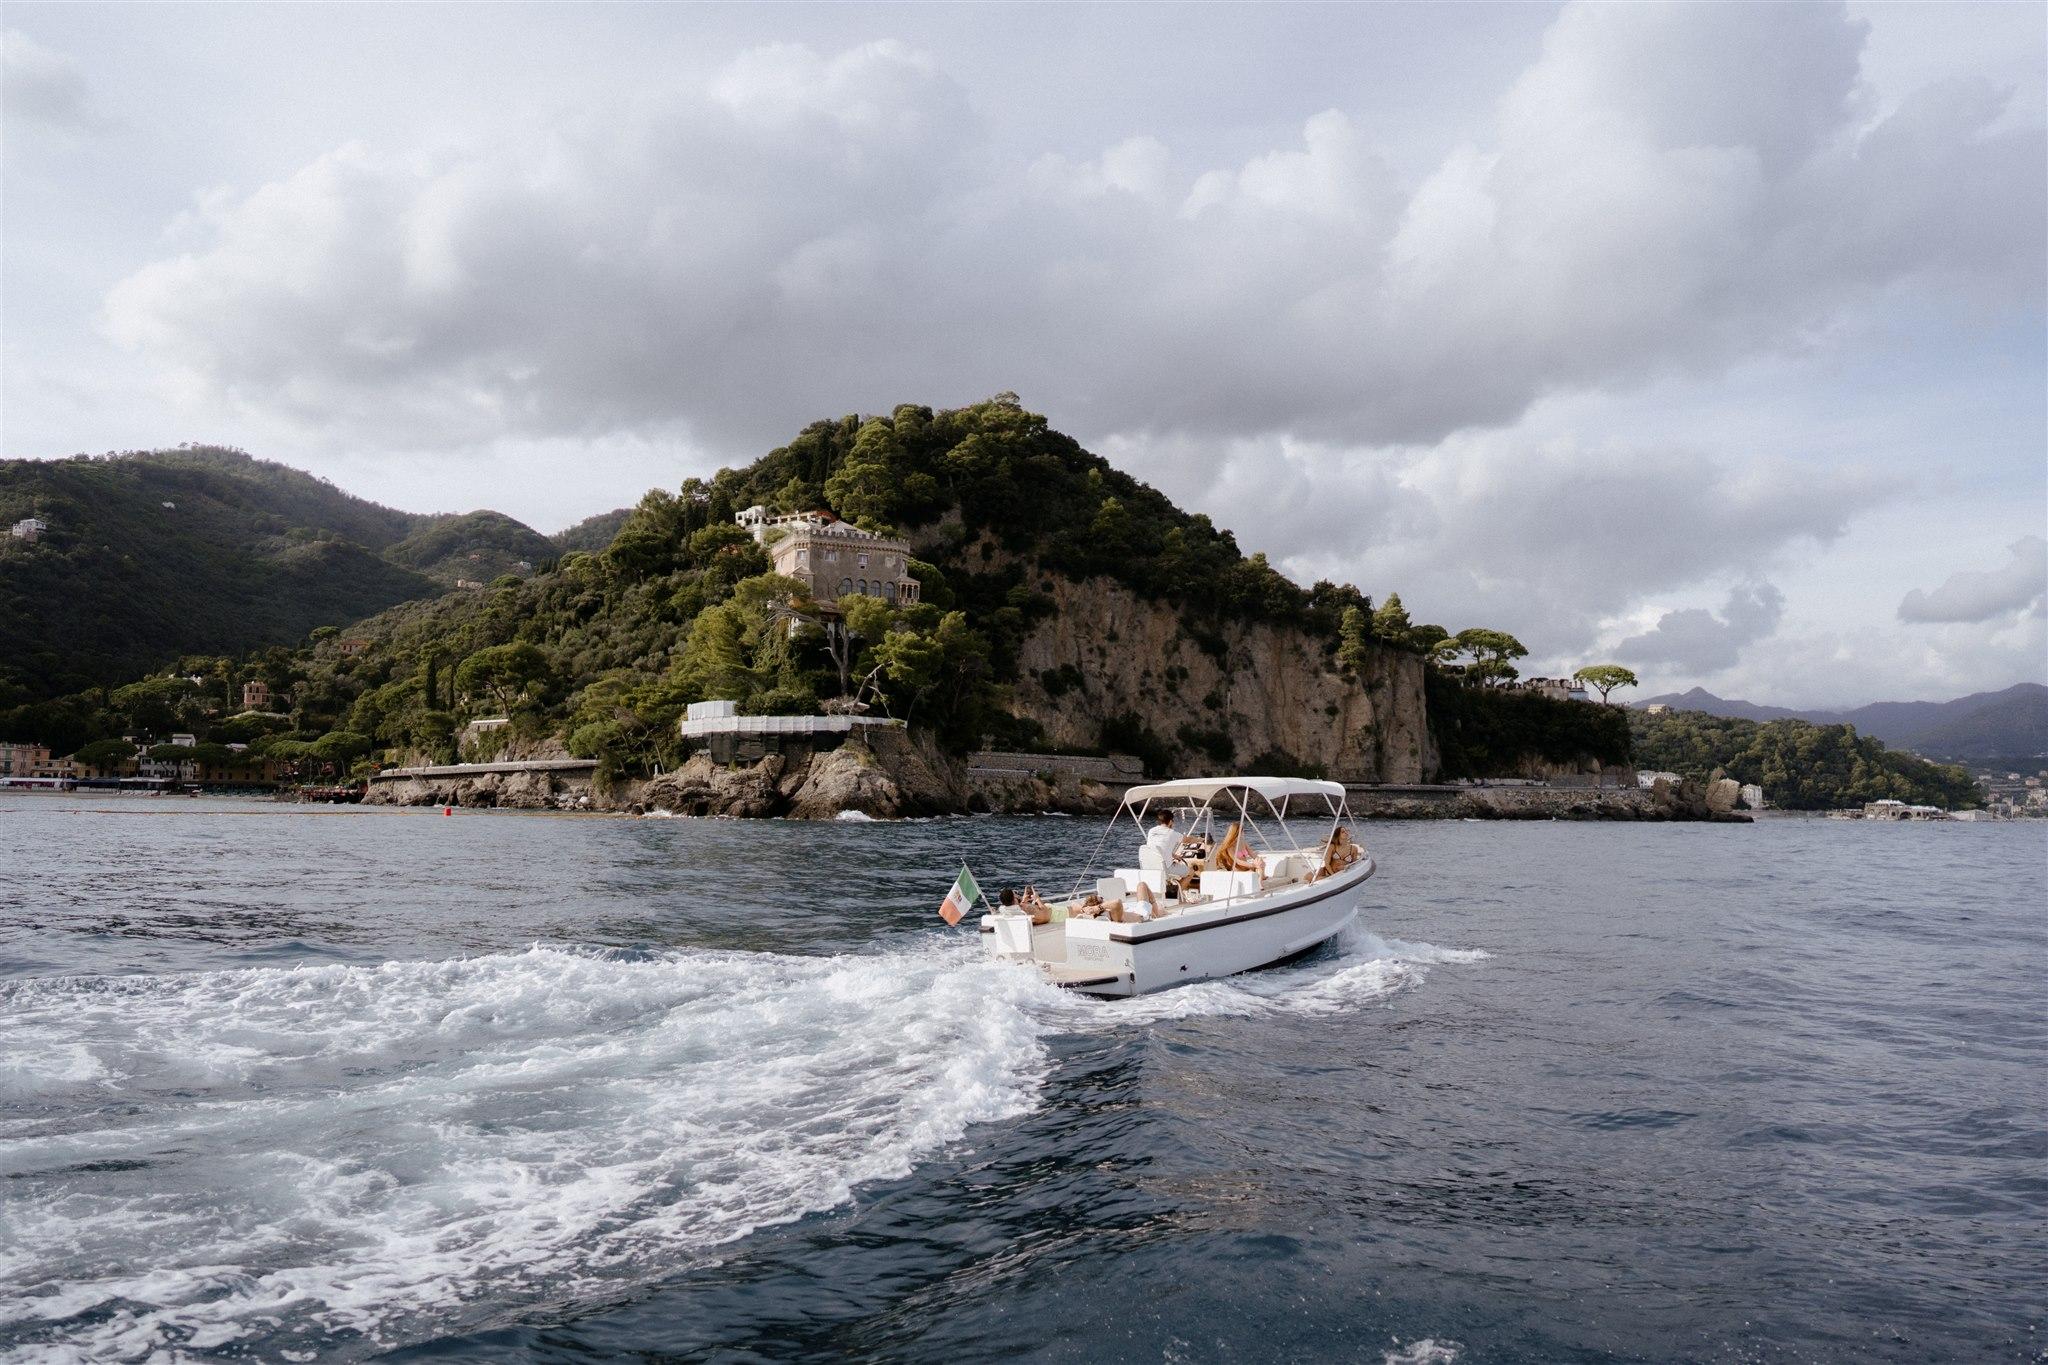 Cesare Charter Portofino - imbarcazione per tour, charter e transfer marittimi